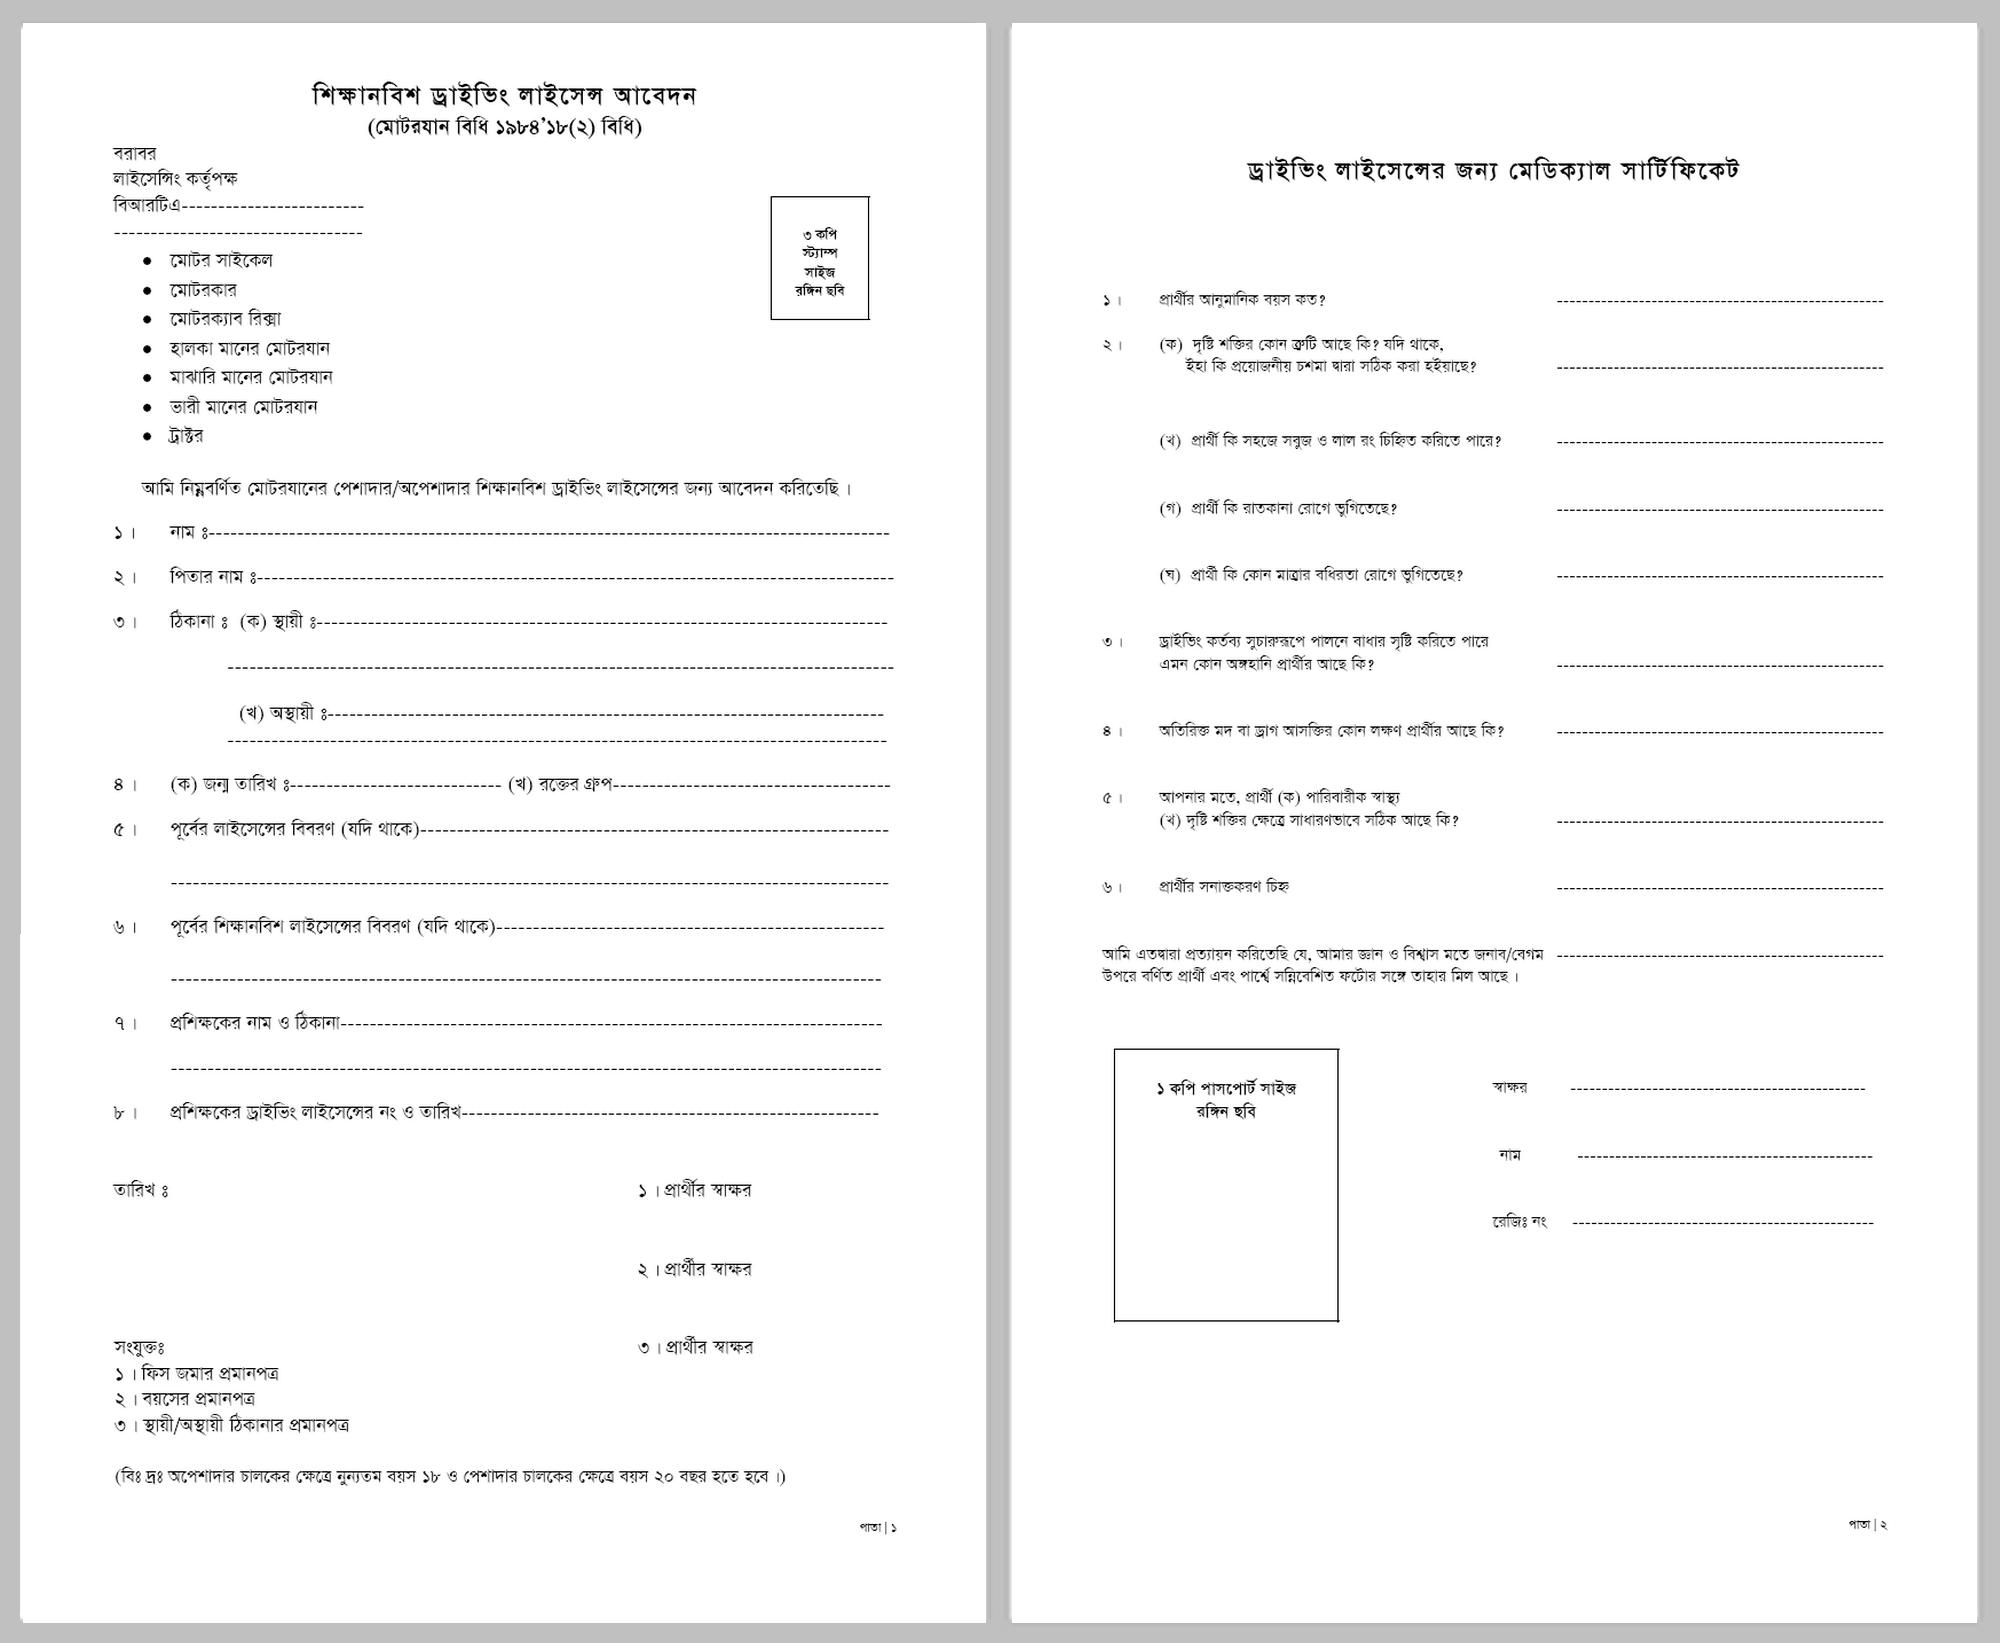 File:learner's License Application Form.png